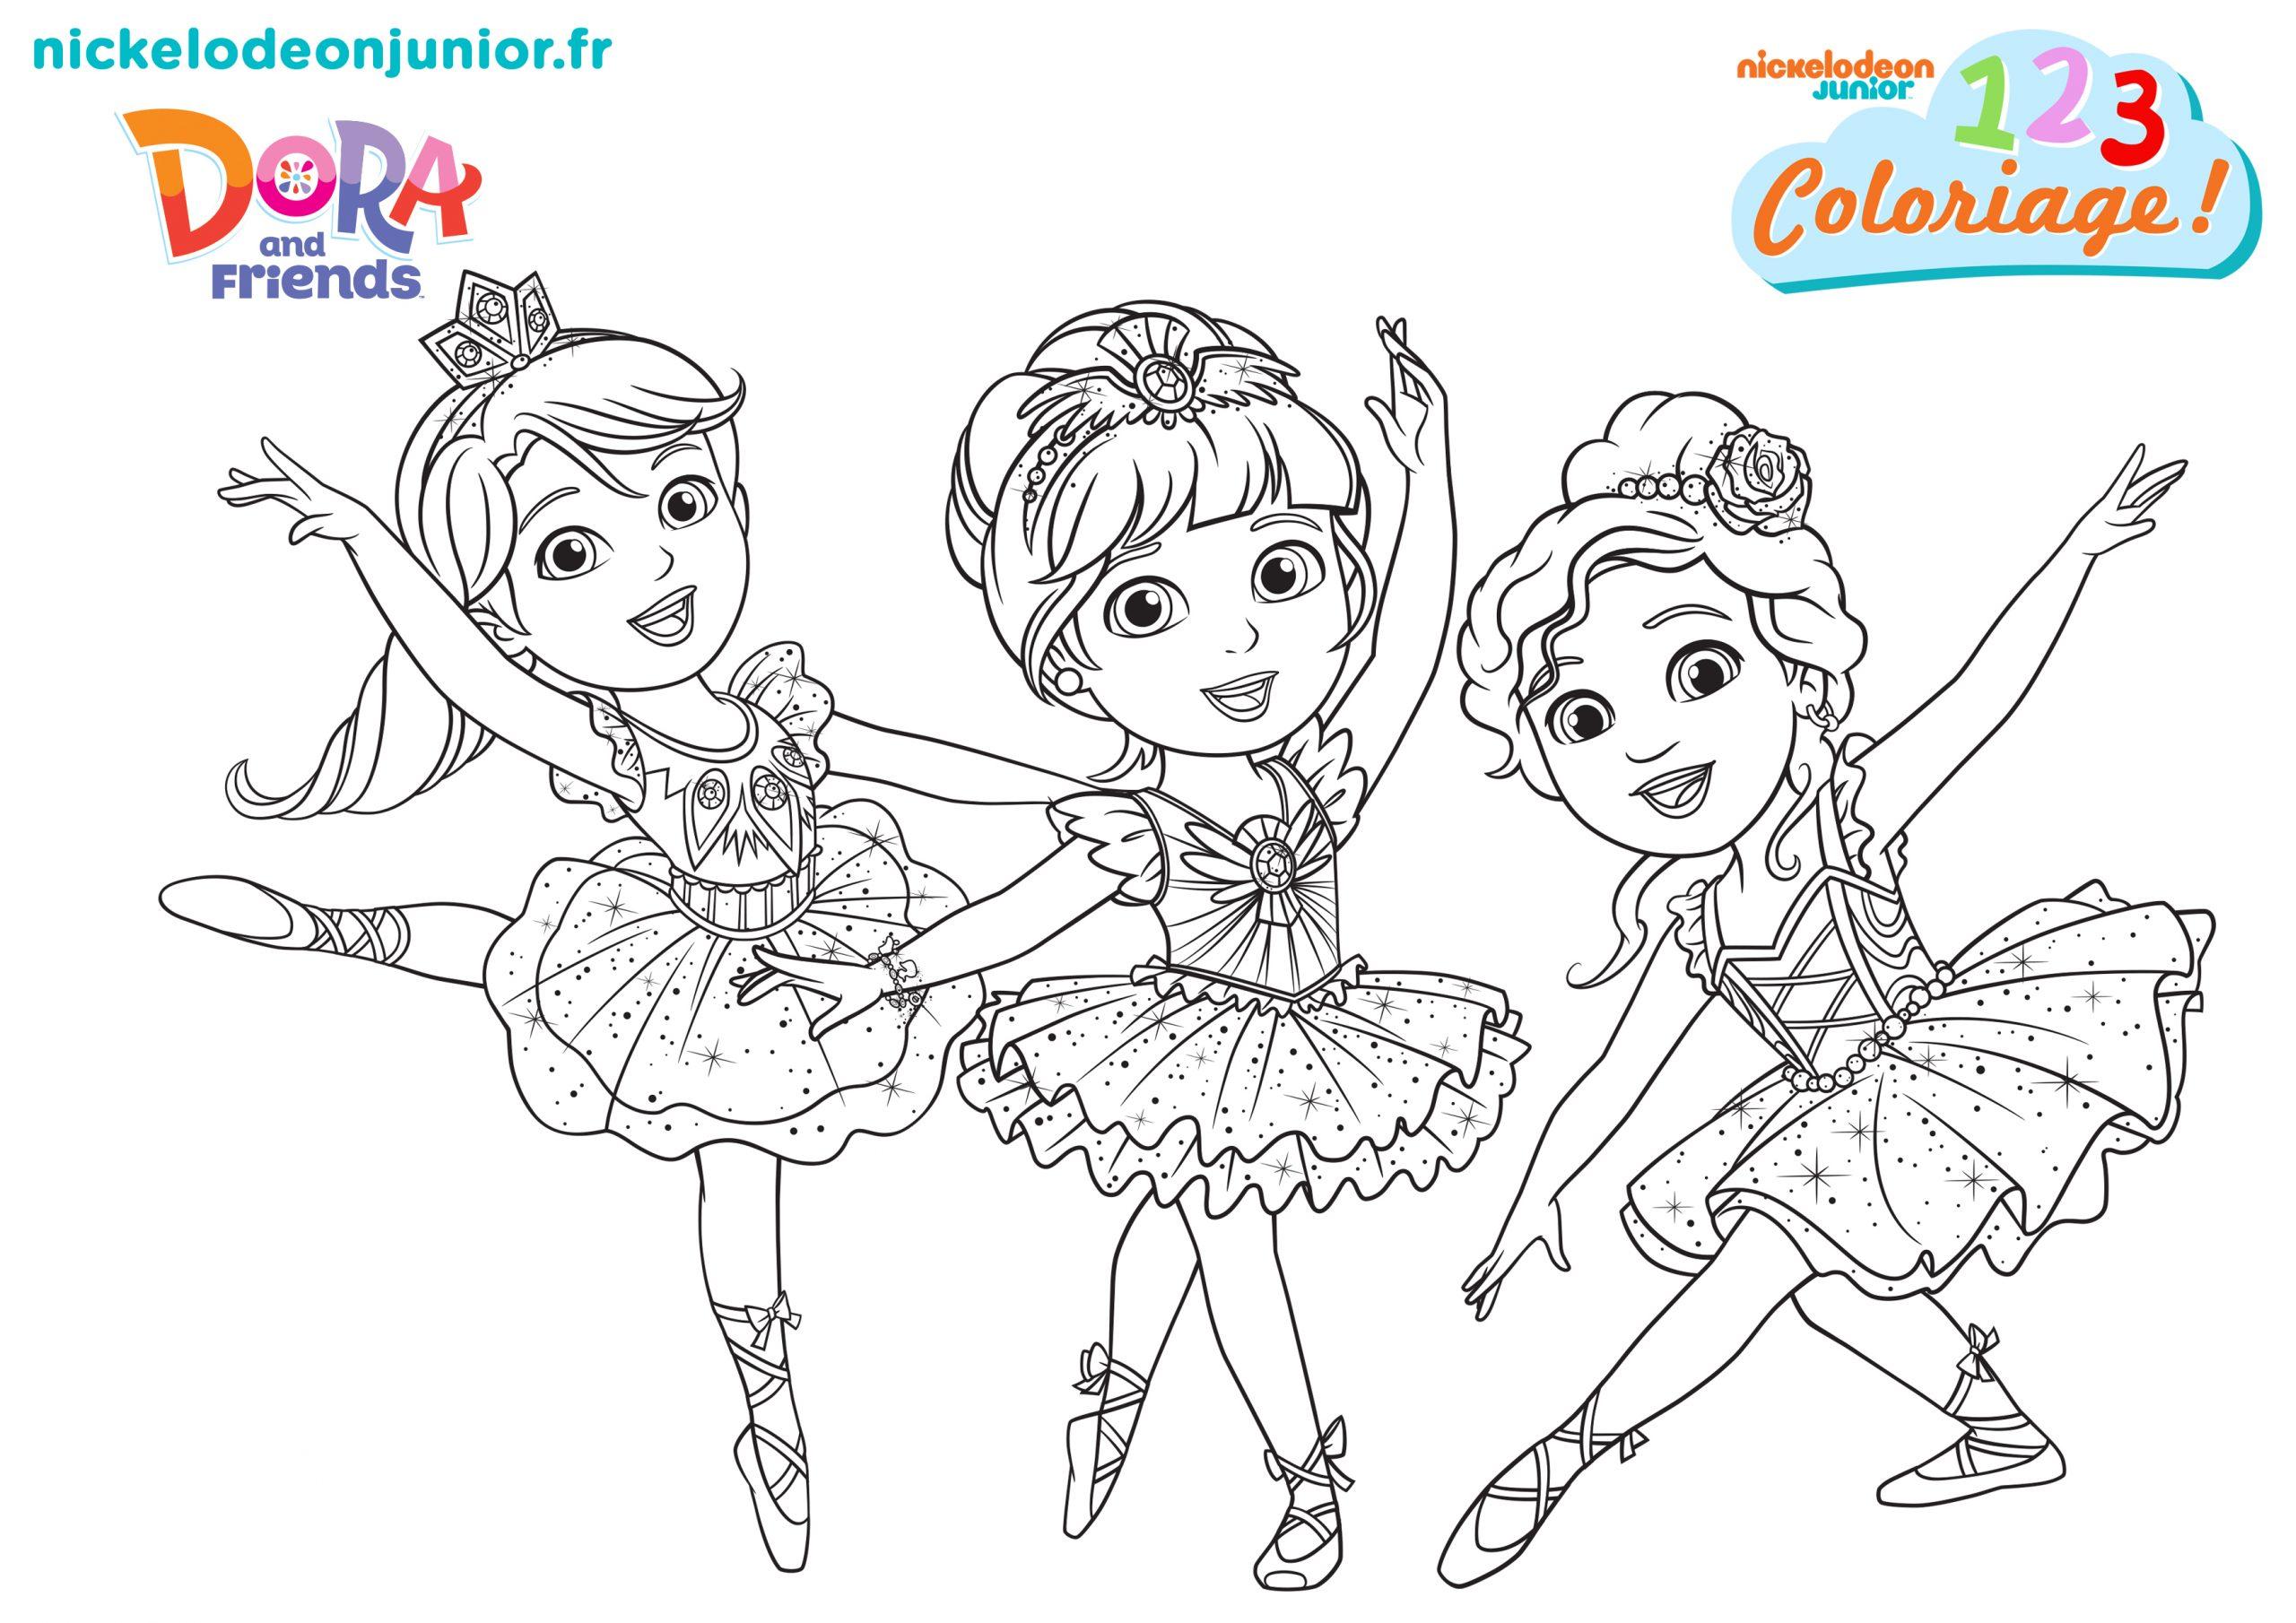 1, 2, 3 Coloriage ! | Dora And Friends : Au Coeur De La encequiconcerne Coloriage Dora Princesse